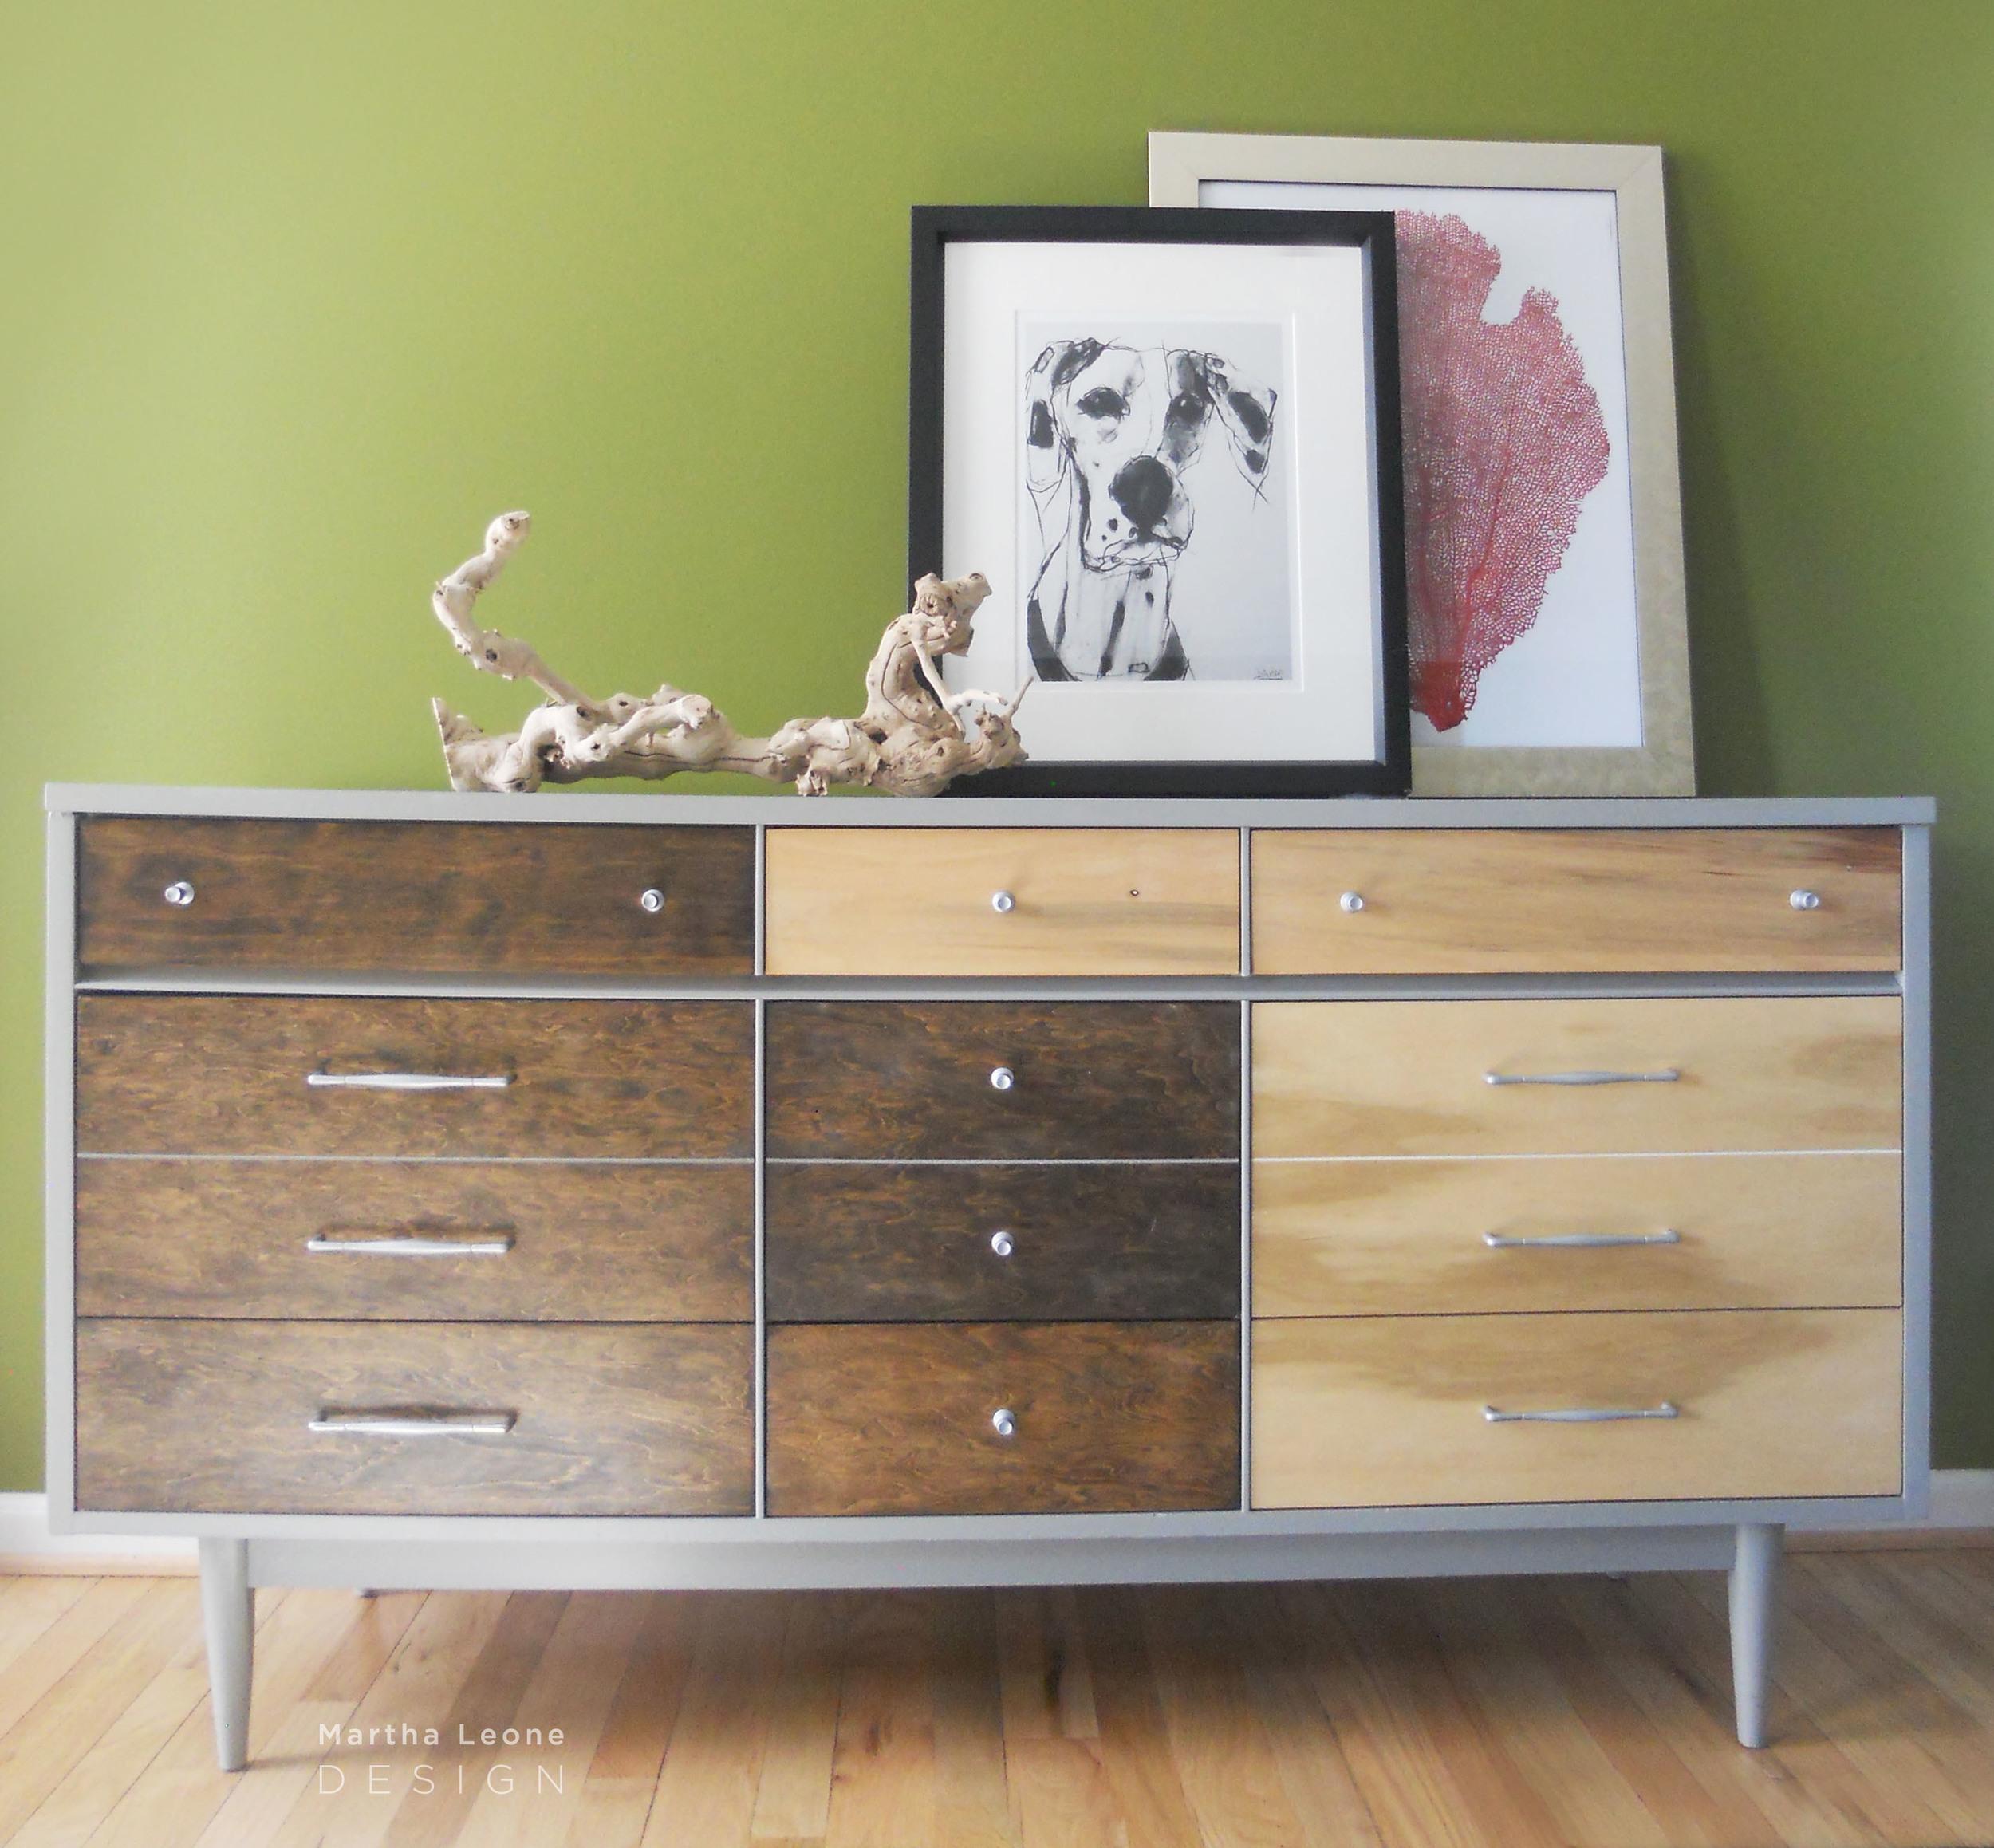 BrownGray credenza by Martha Leone Design